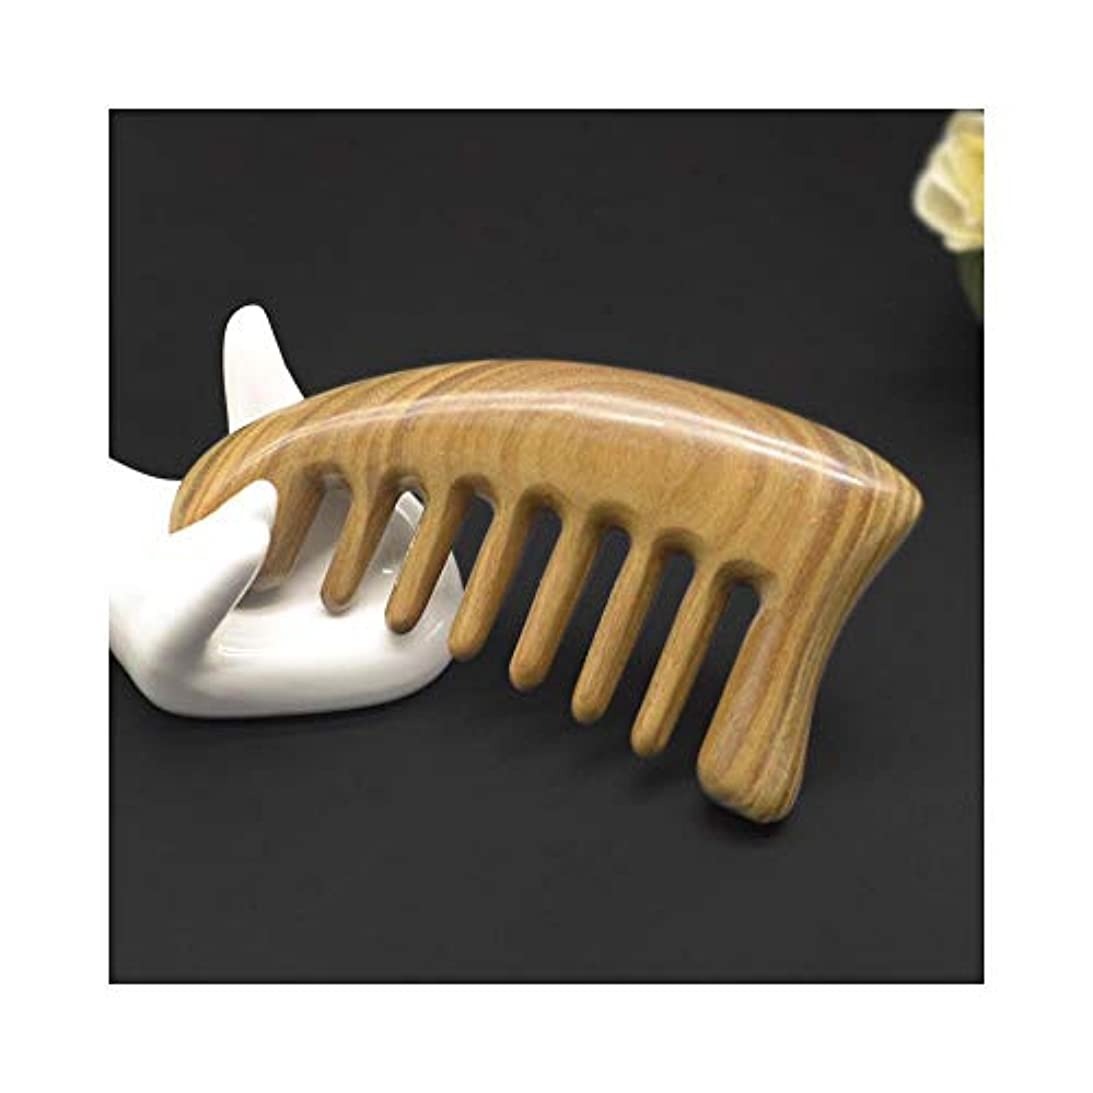 アカデミック無限代表する新くしワイド歯ナチュラルグリーンサンダルウッドマッサージくし - 小型のくし ヘアケア (色 : 1879)